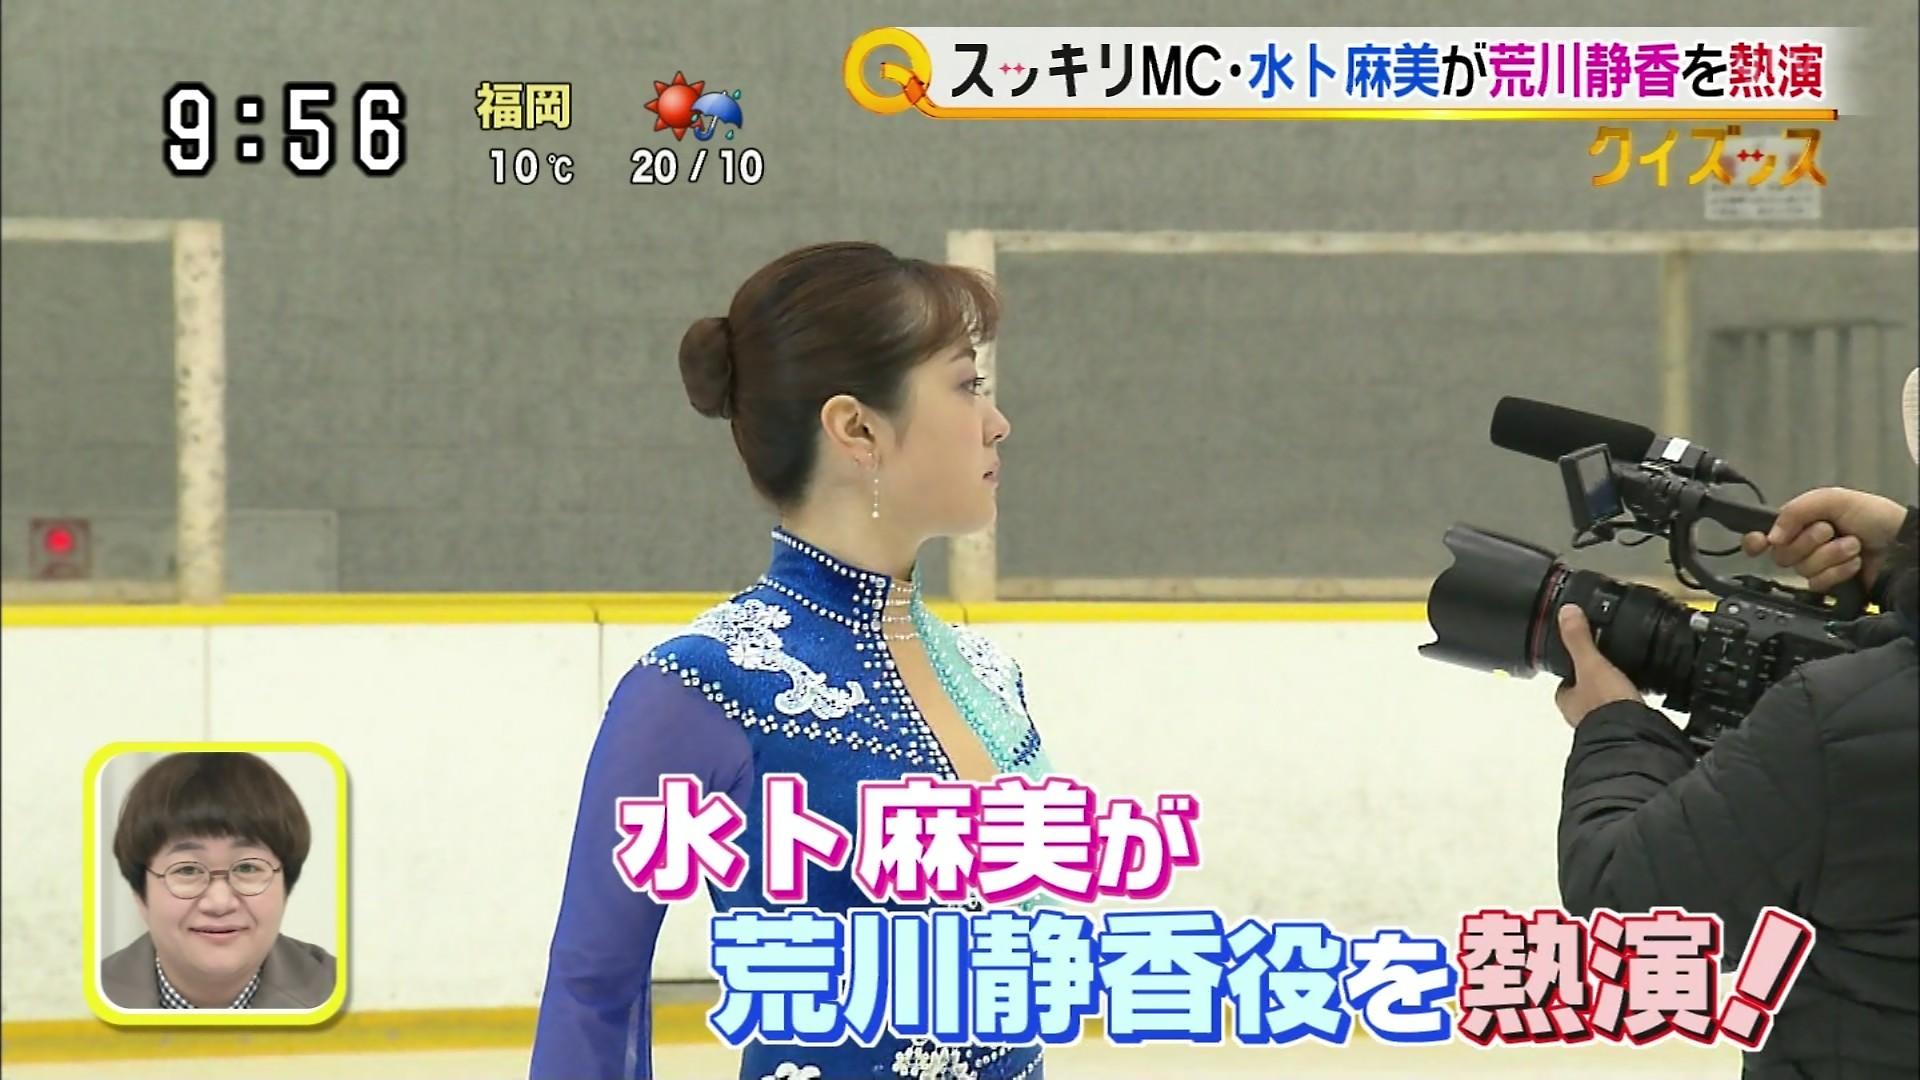 2019年2月11日・日本テレビ「スッキリ」水卜麻美さんのテレビキャプチャー画像-011